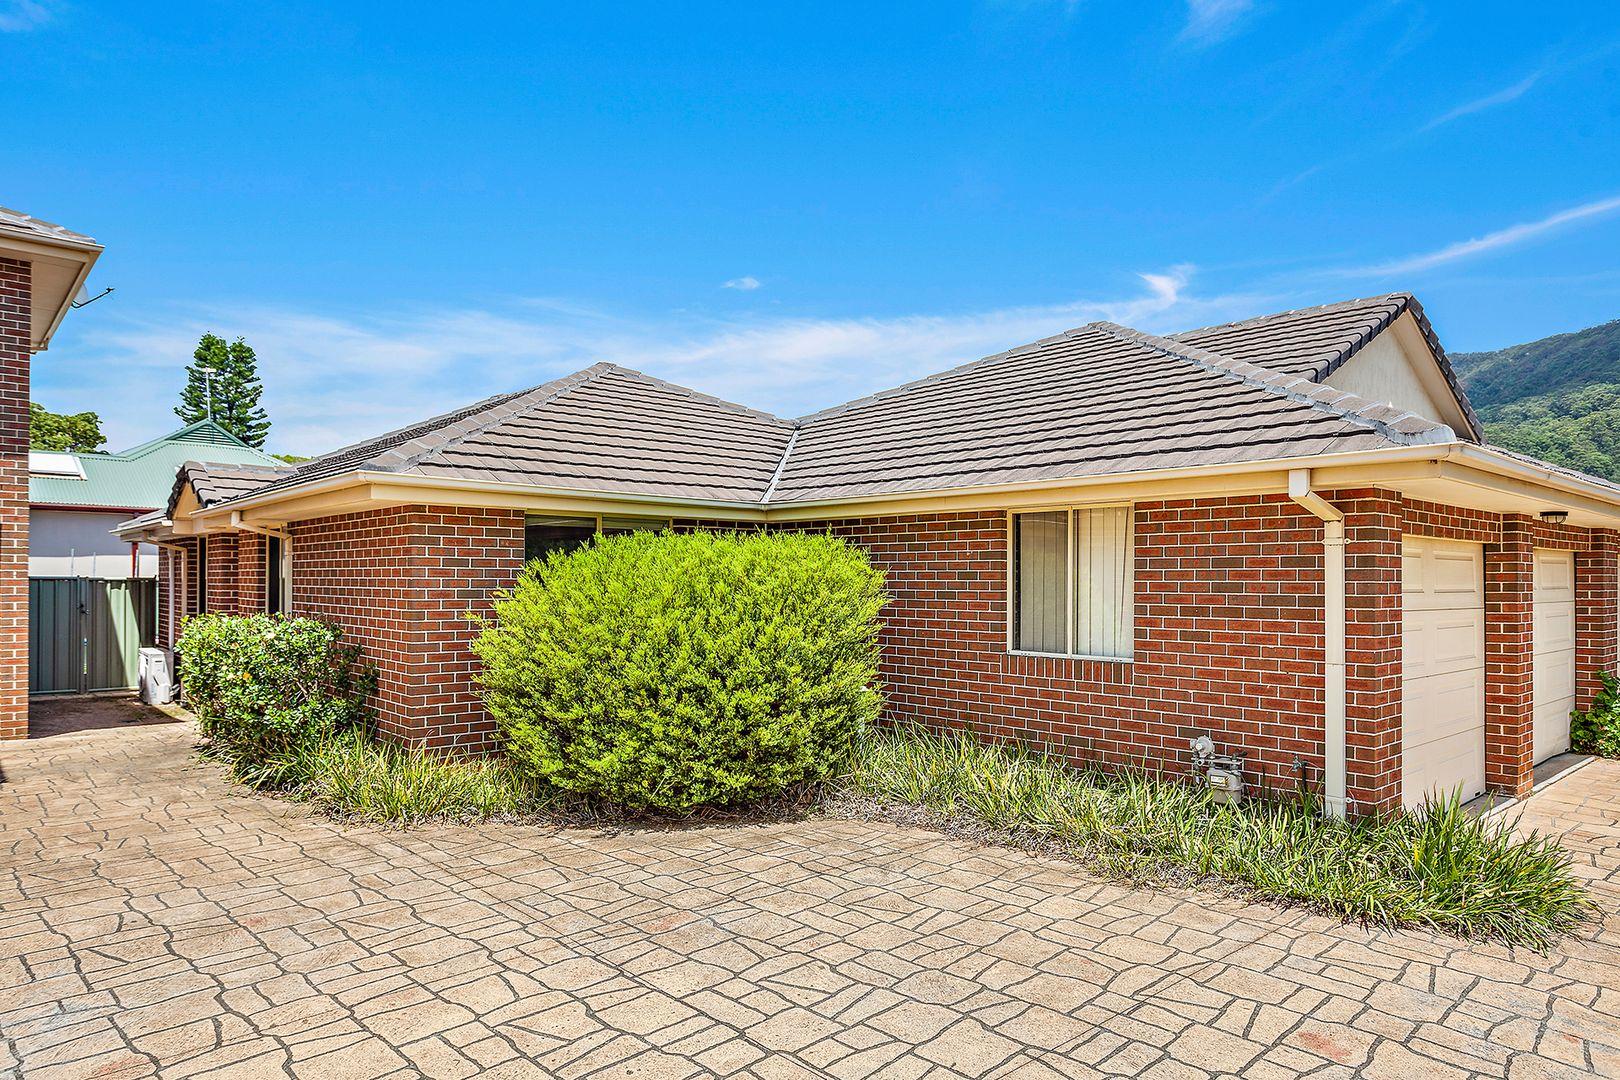 2/69 Midgley Street, Corrimal NSW 2518, Image 0